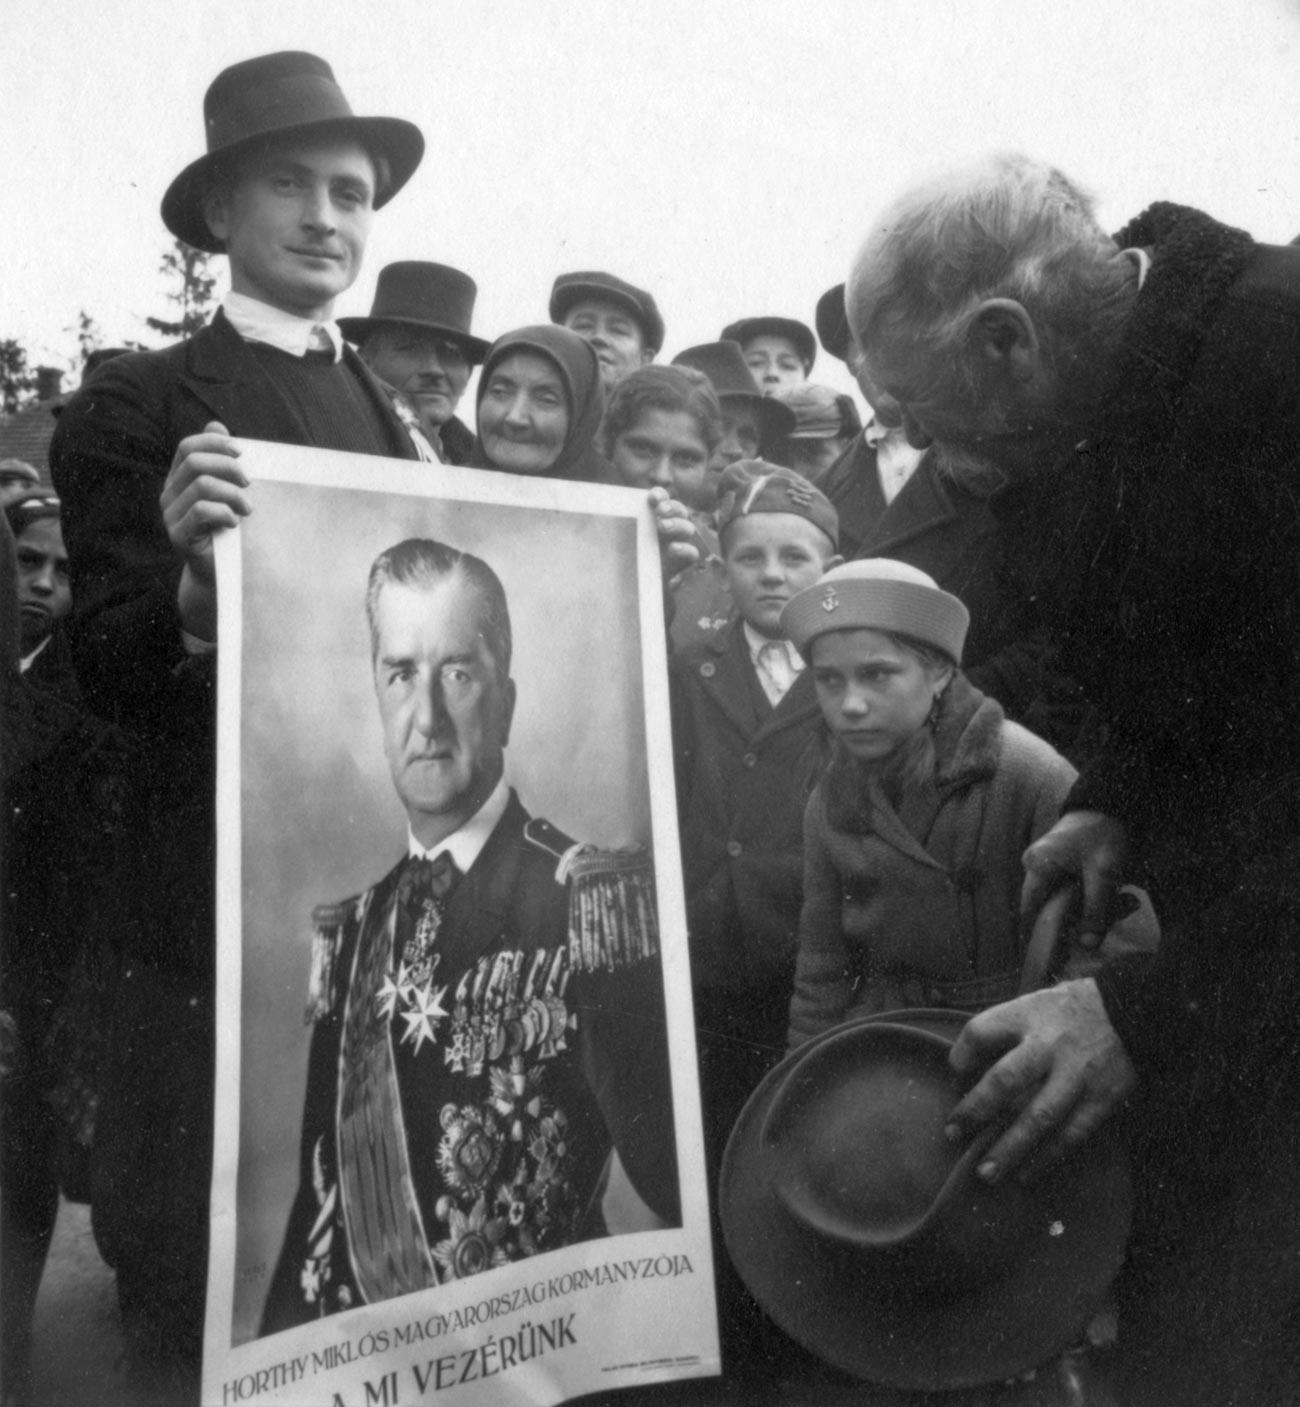 A poster of Regent Miklós Horthy.